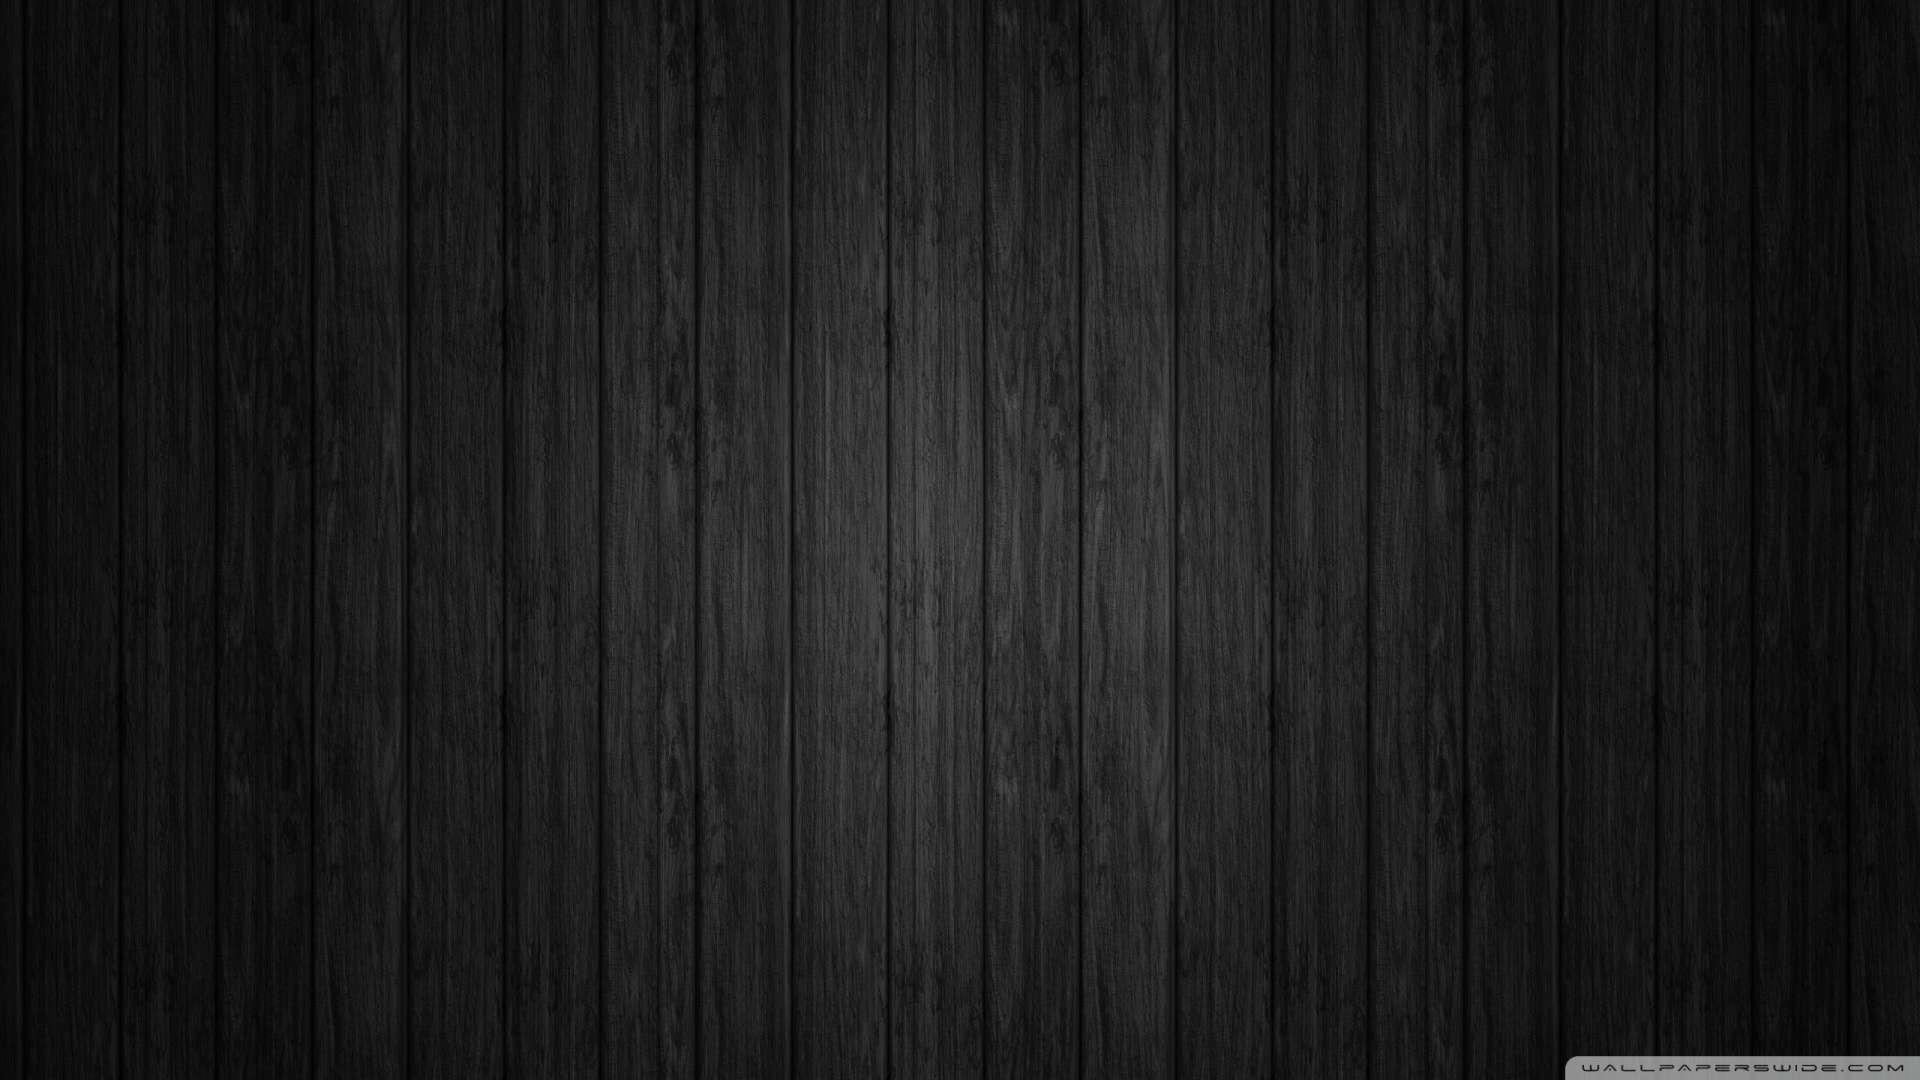 [46+] Dark HD Wallpapers 1080p on WallpaperSafari